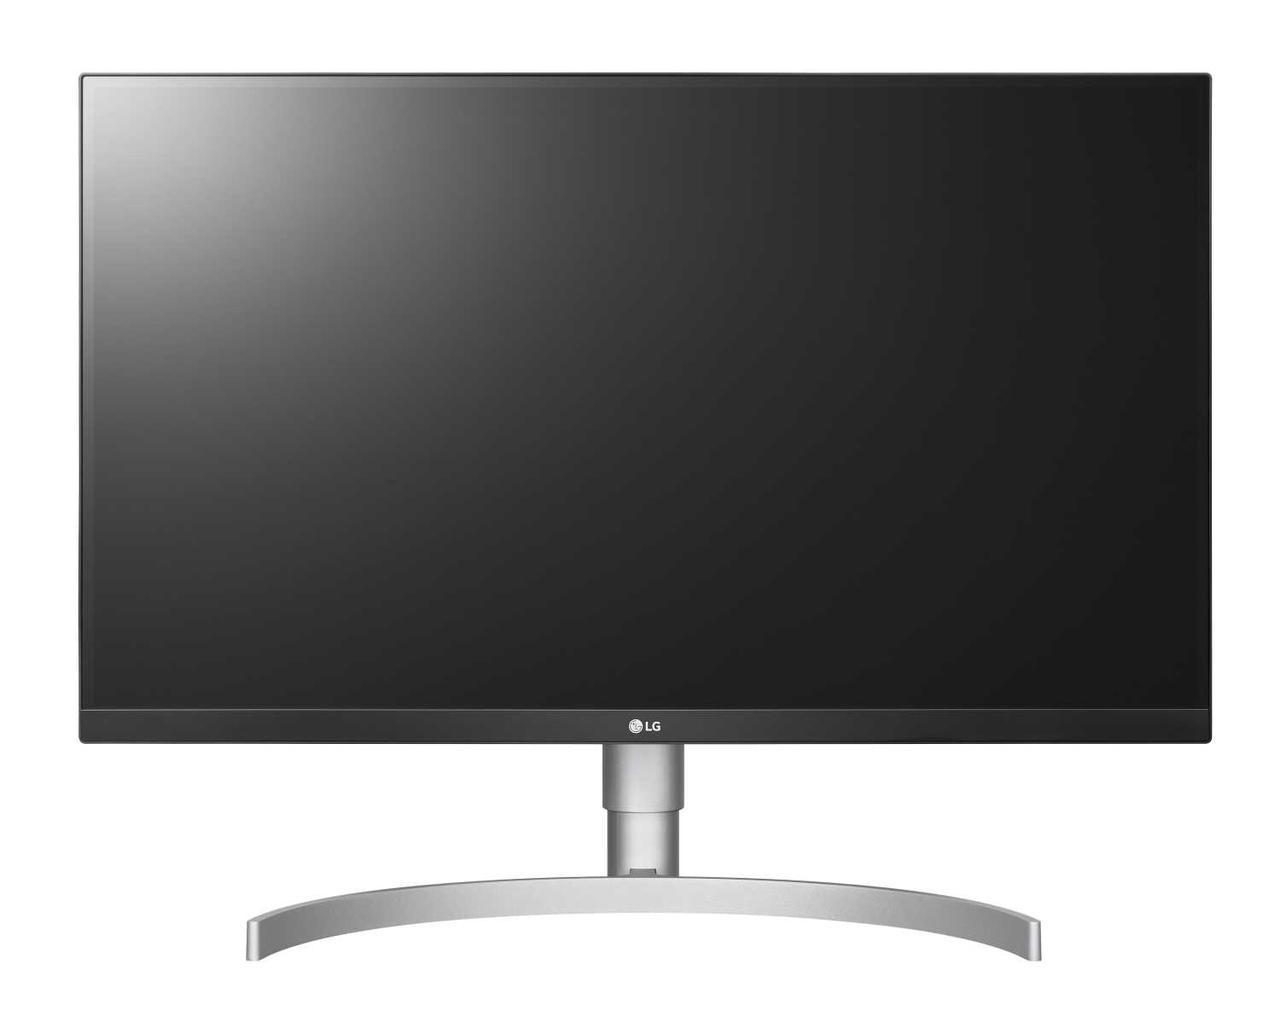 Монитор LG 27UK850-W LCD 27'' [16:9] 3840x2160(UHD 4K) IPS, nonGLARE, 350cd/m2, H178°/V178°, 1000:1, 5ms, HDMI